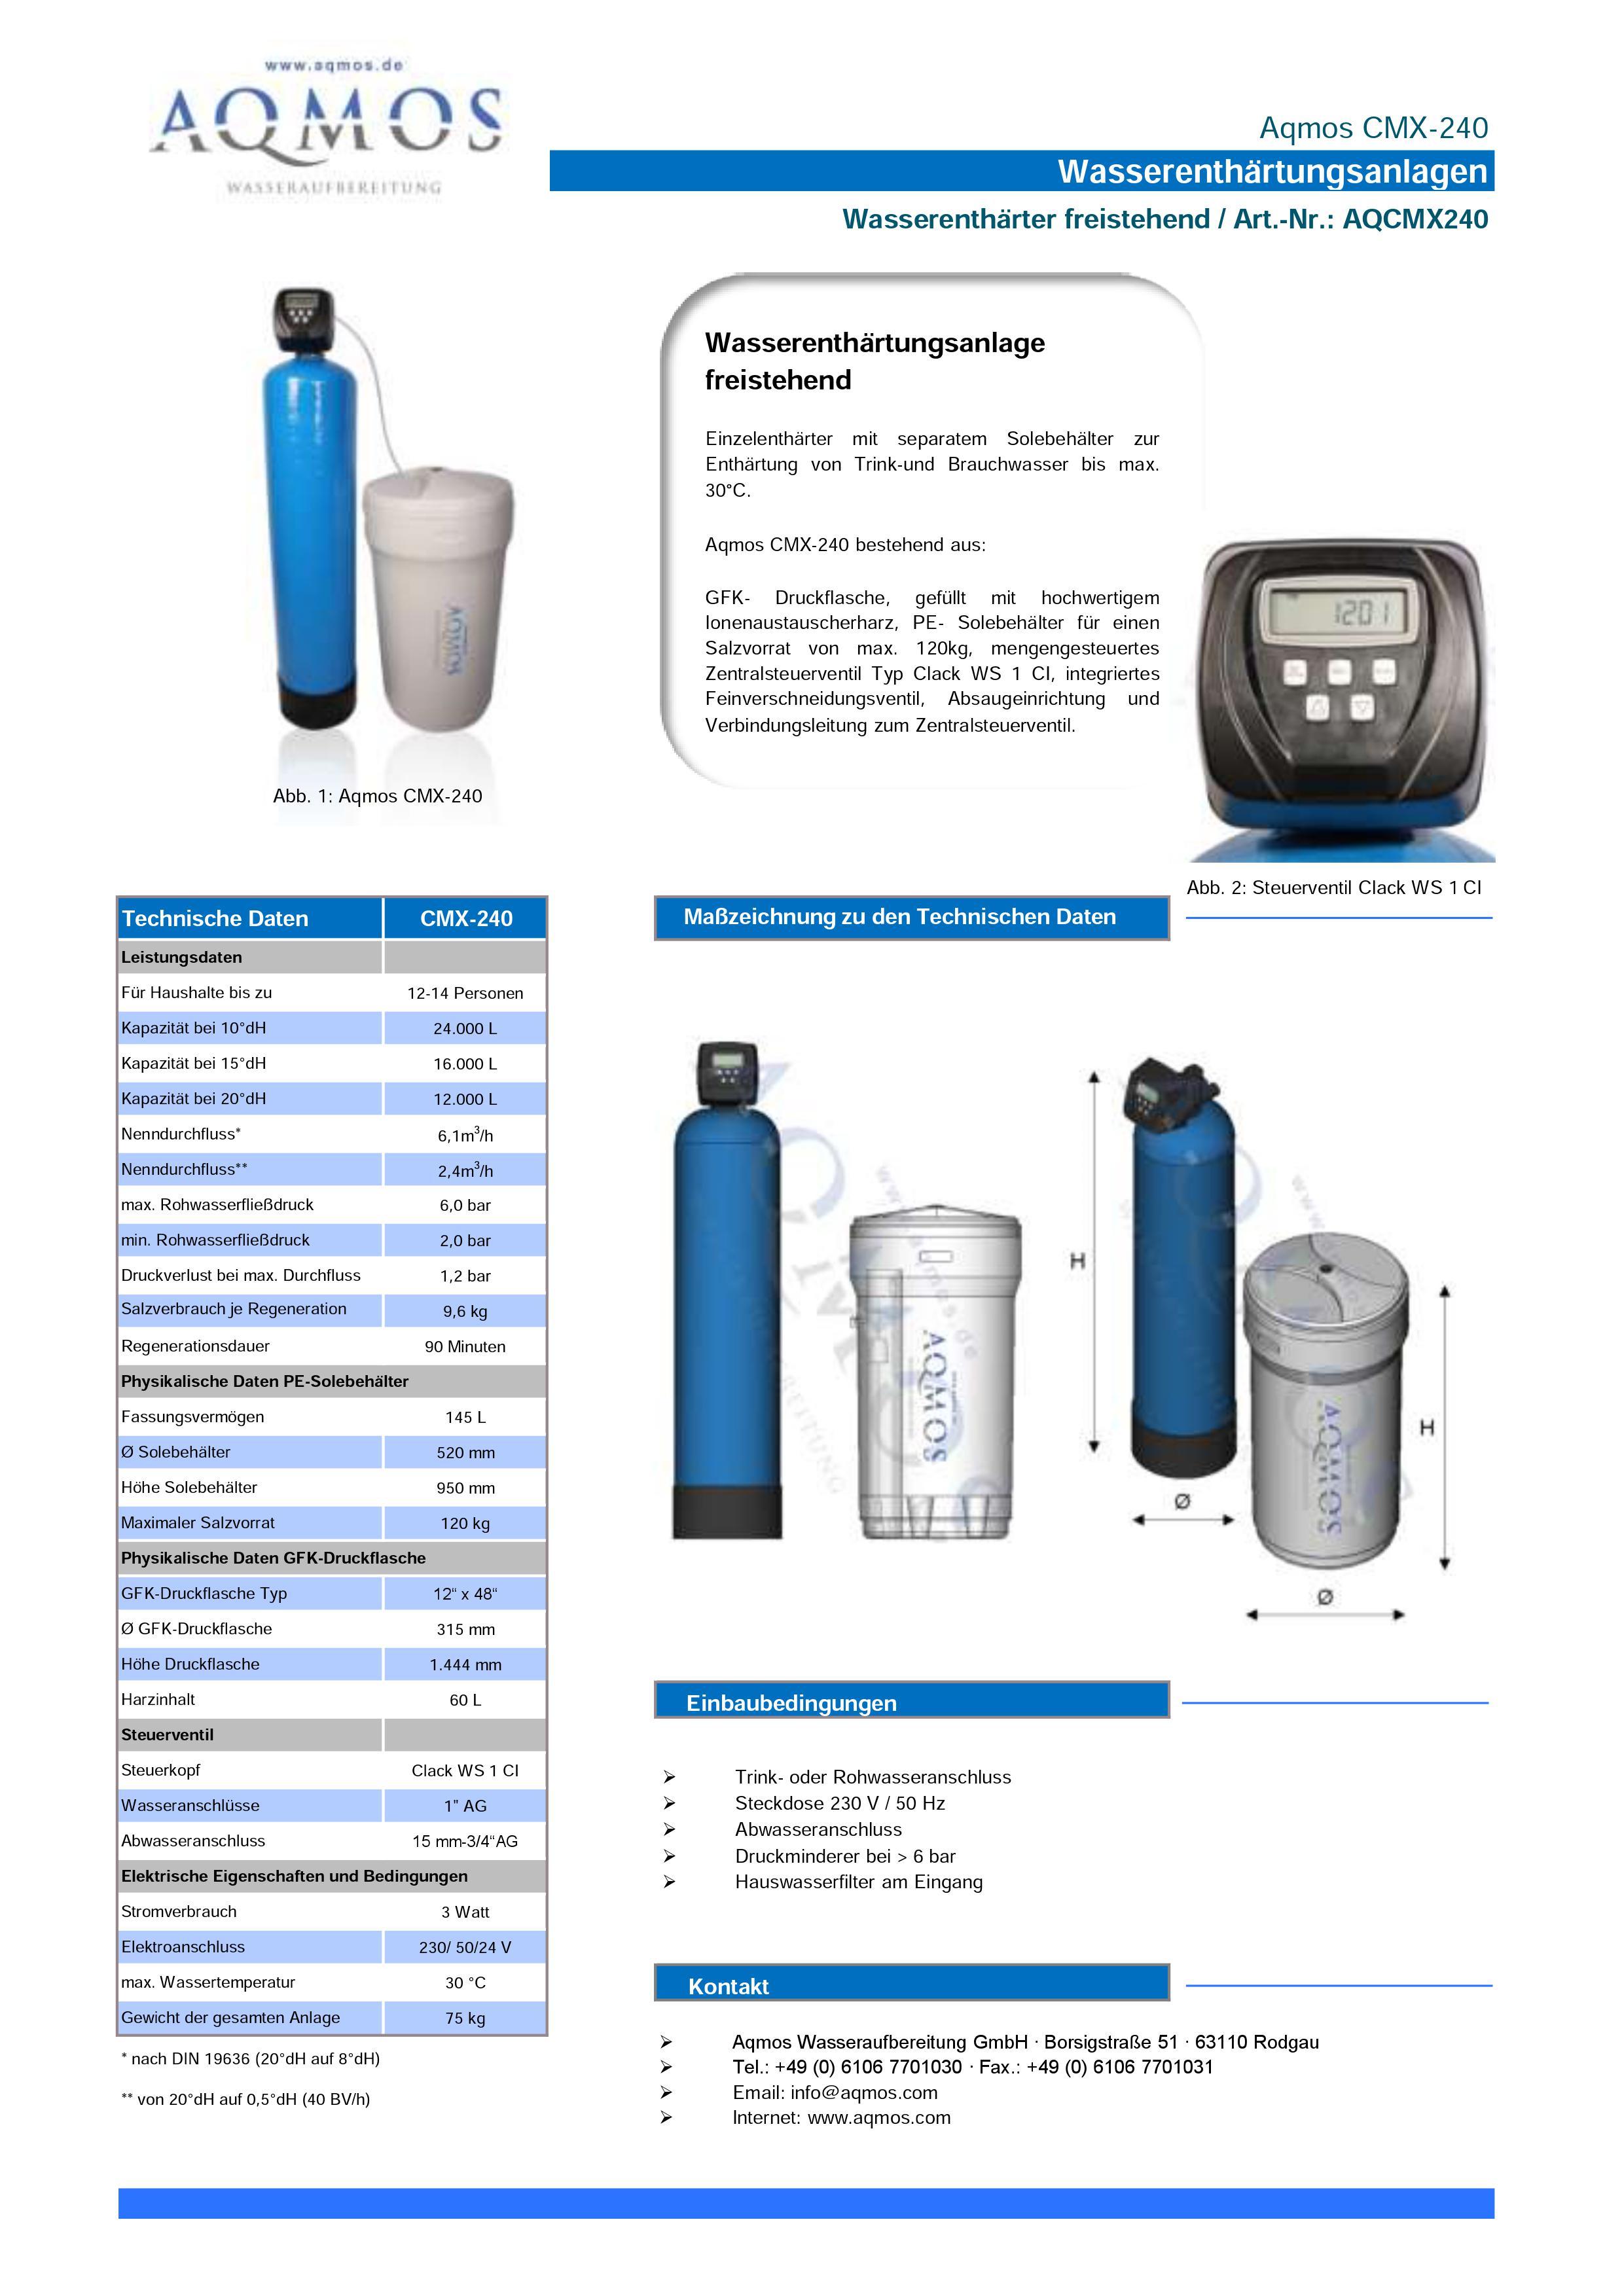 CMX-240-Datenblatt